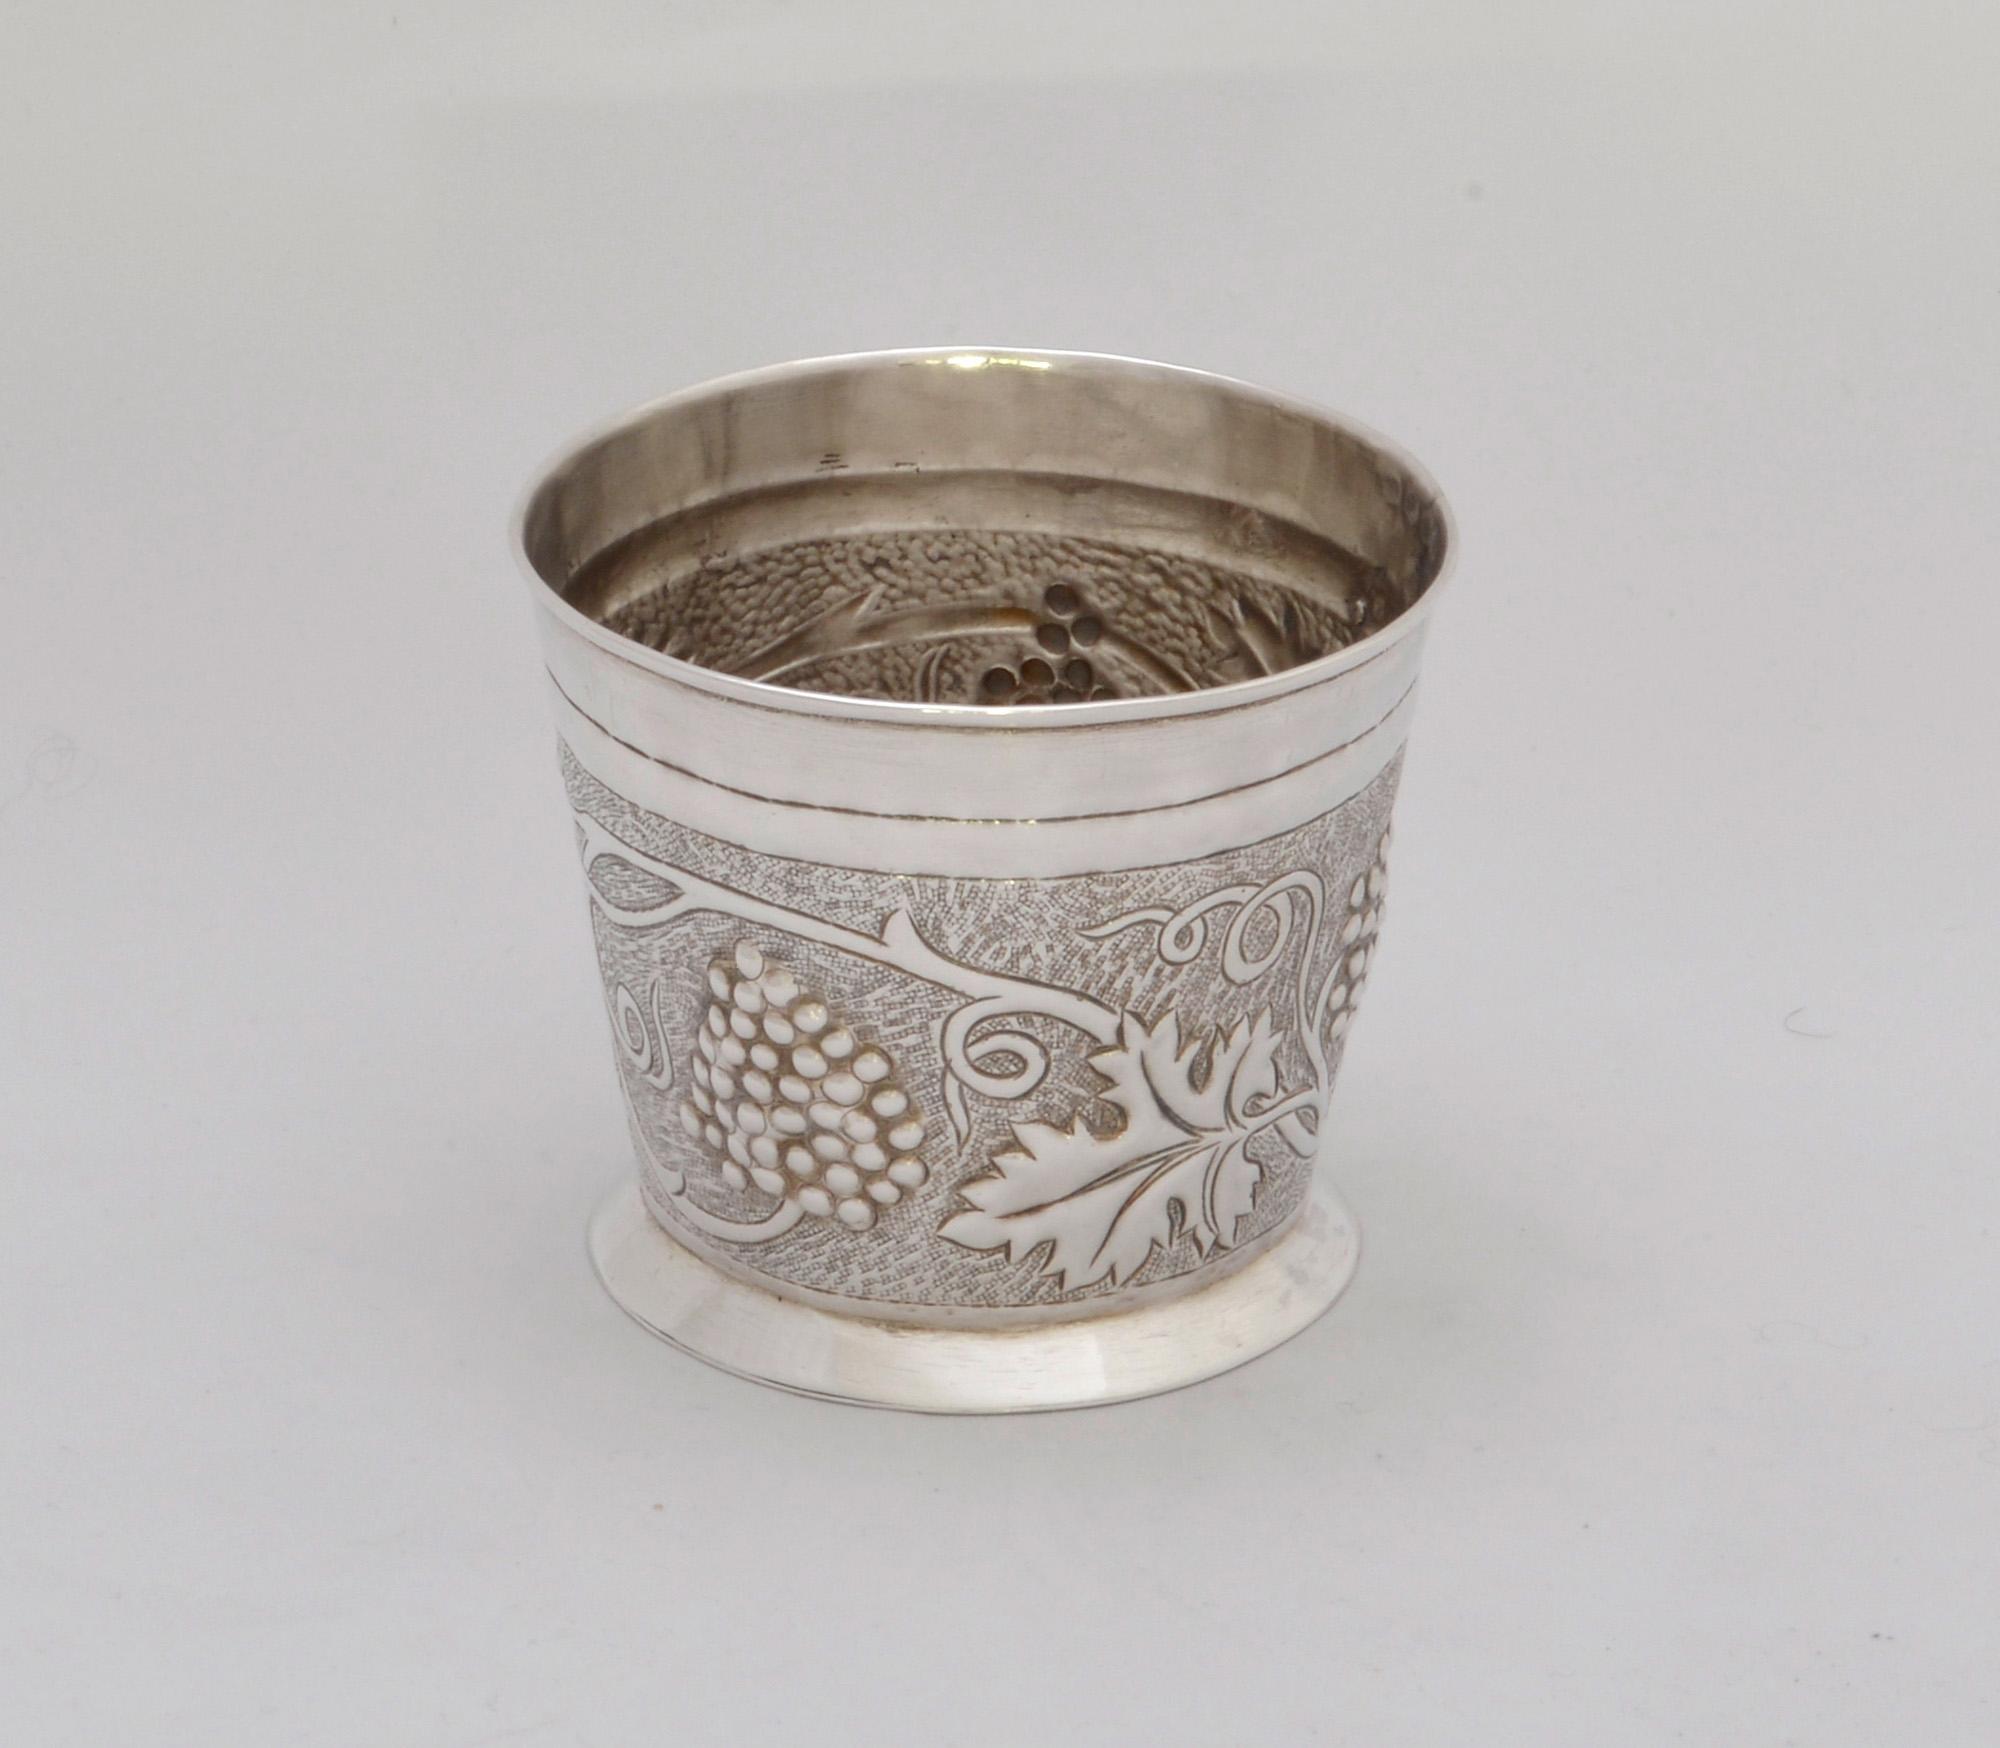 Keswick School of Industrial Art silver beaker